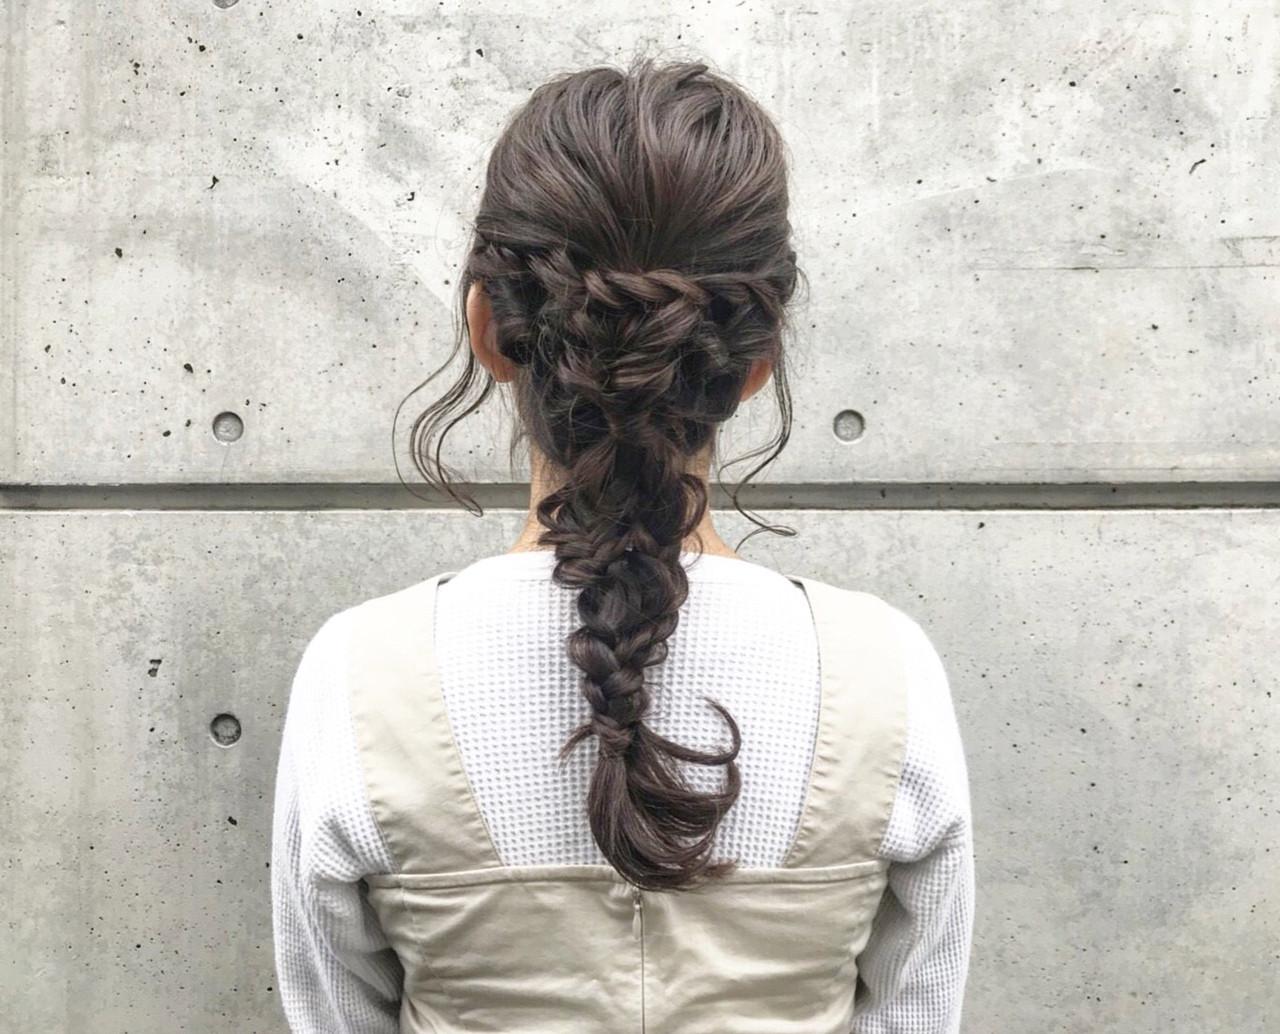 ナチュラル 簡単ヘアアレンジ 成人式 アンニュイほつれヘア ヘアスタイルや髪型の写真・画像